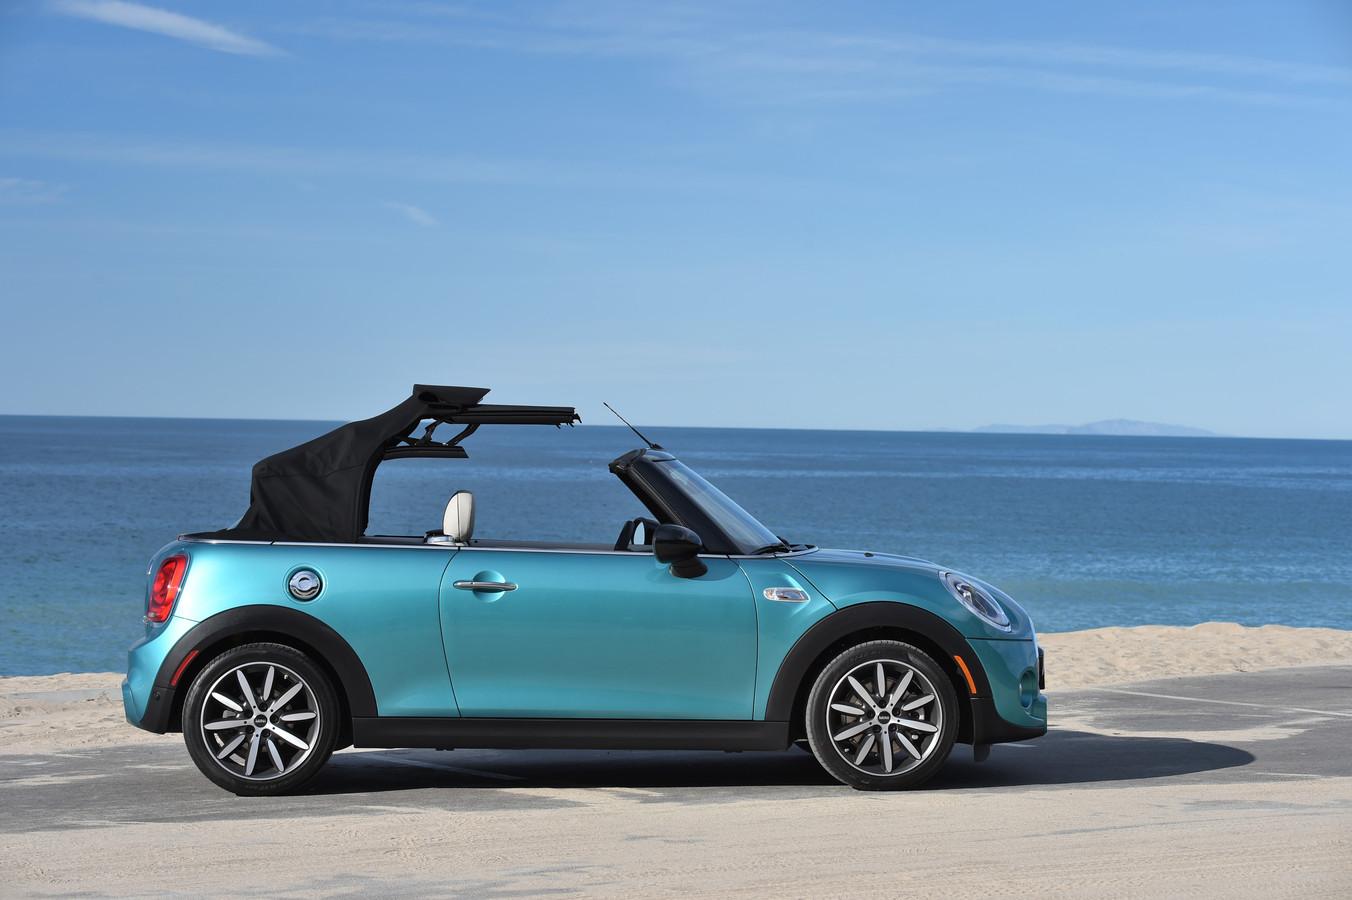 De Mini - hier als cabrio - is één van voordeligste open auto's die je tegenwoordig nieuw kunt kopen. De prijs van gebruikte exemplaren is bovengemiddeld stabiel.